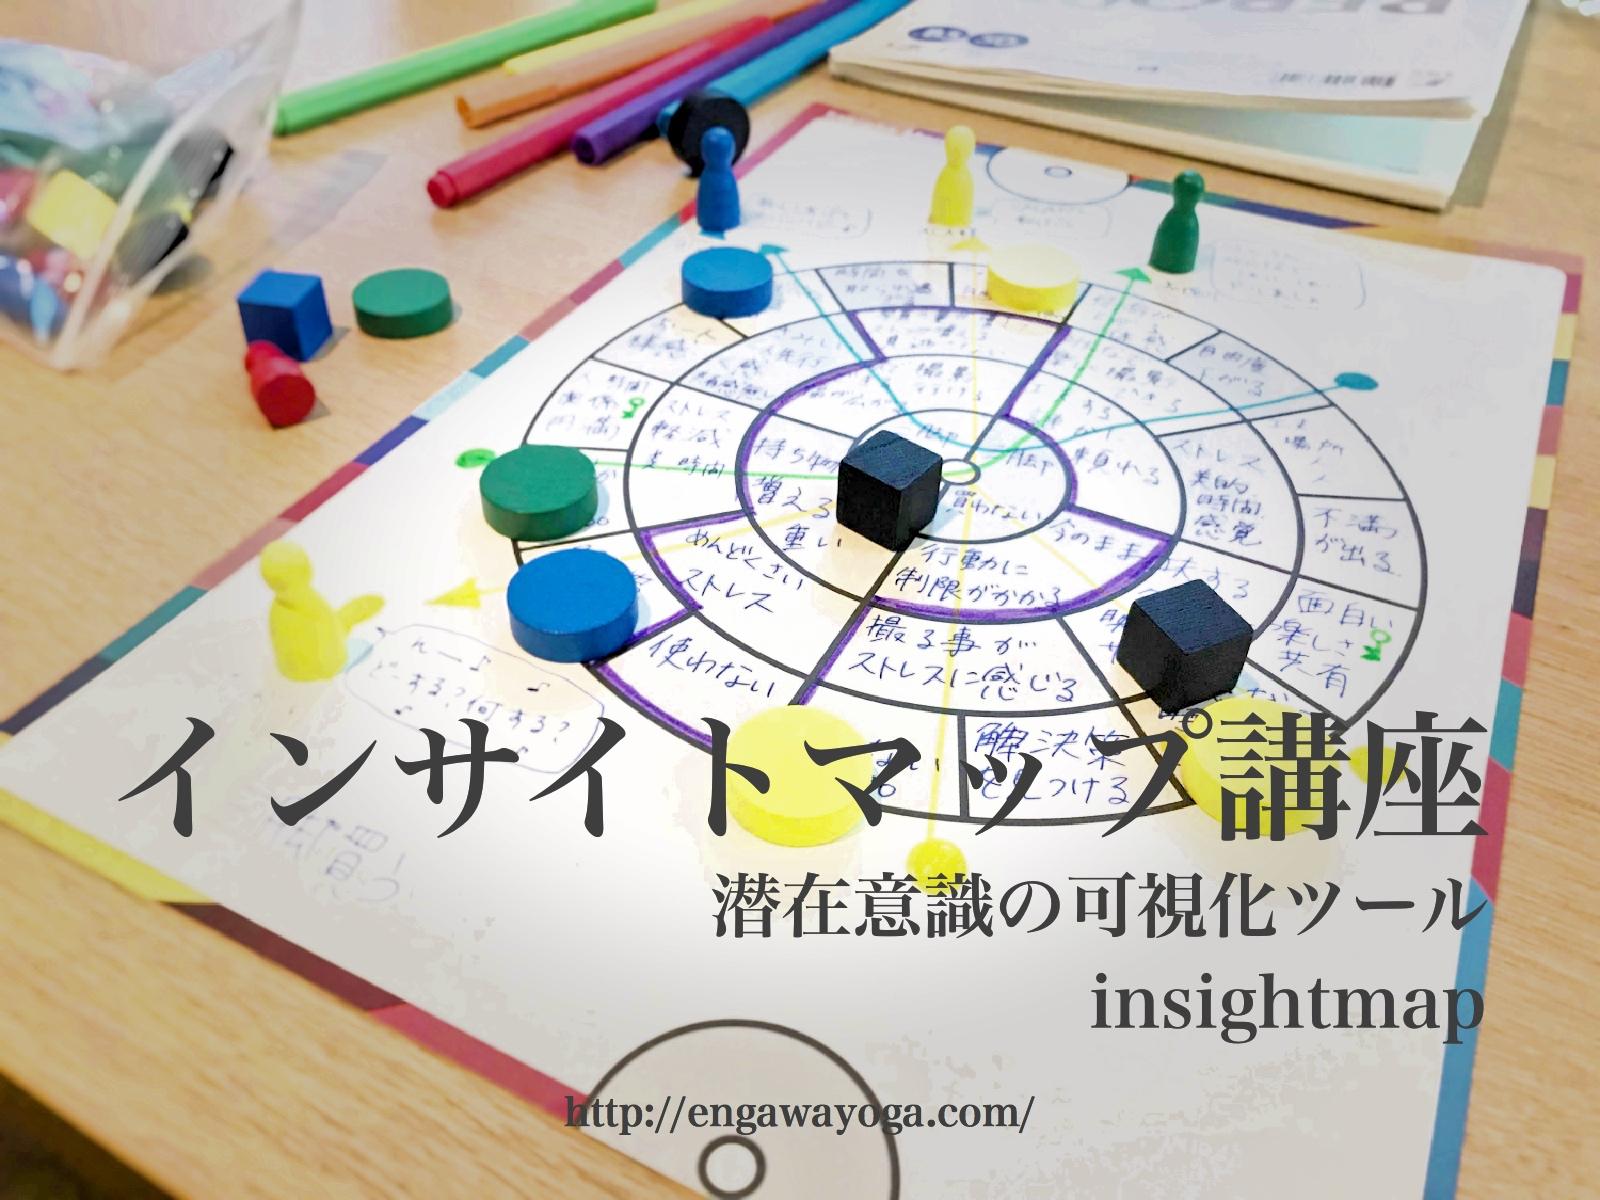 engawayoga-yoyogi-20170112-2